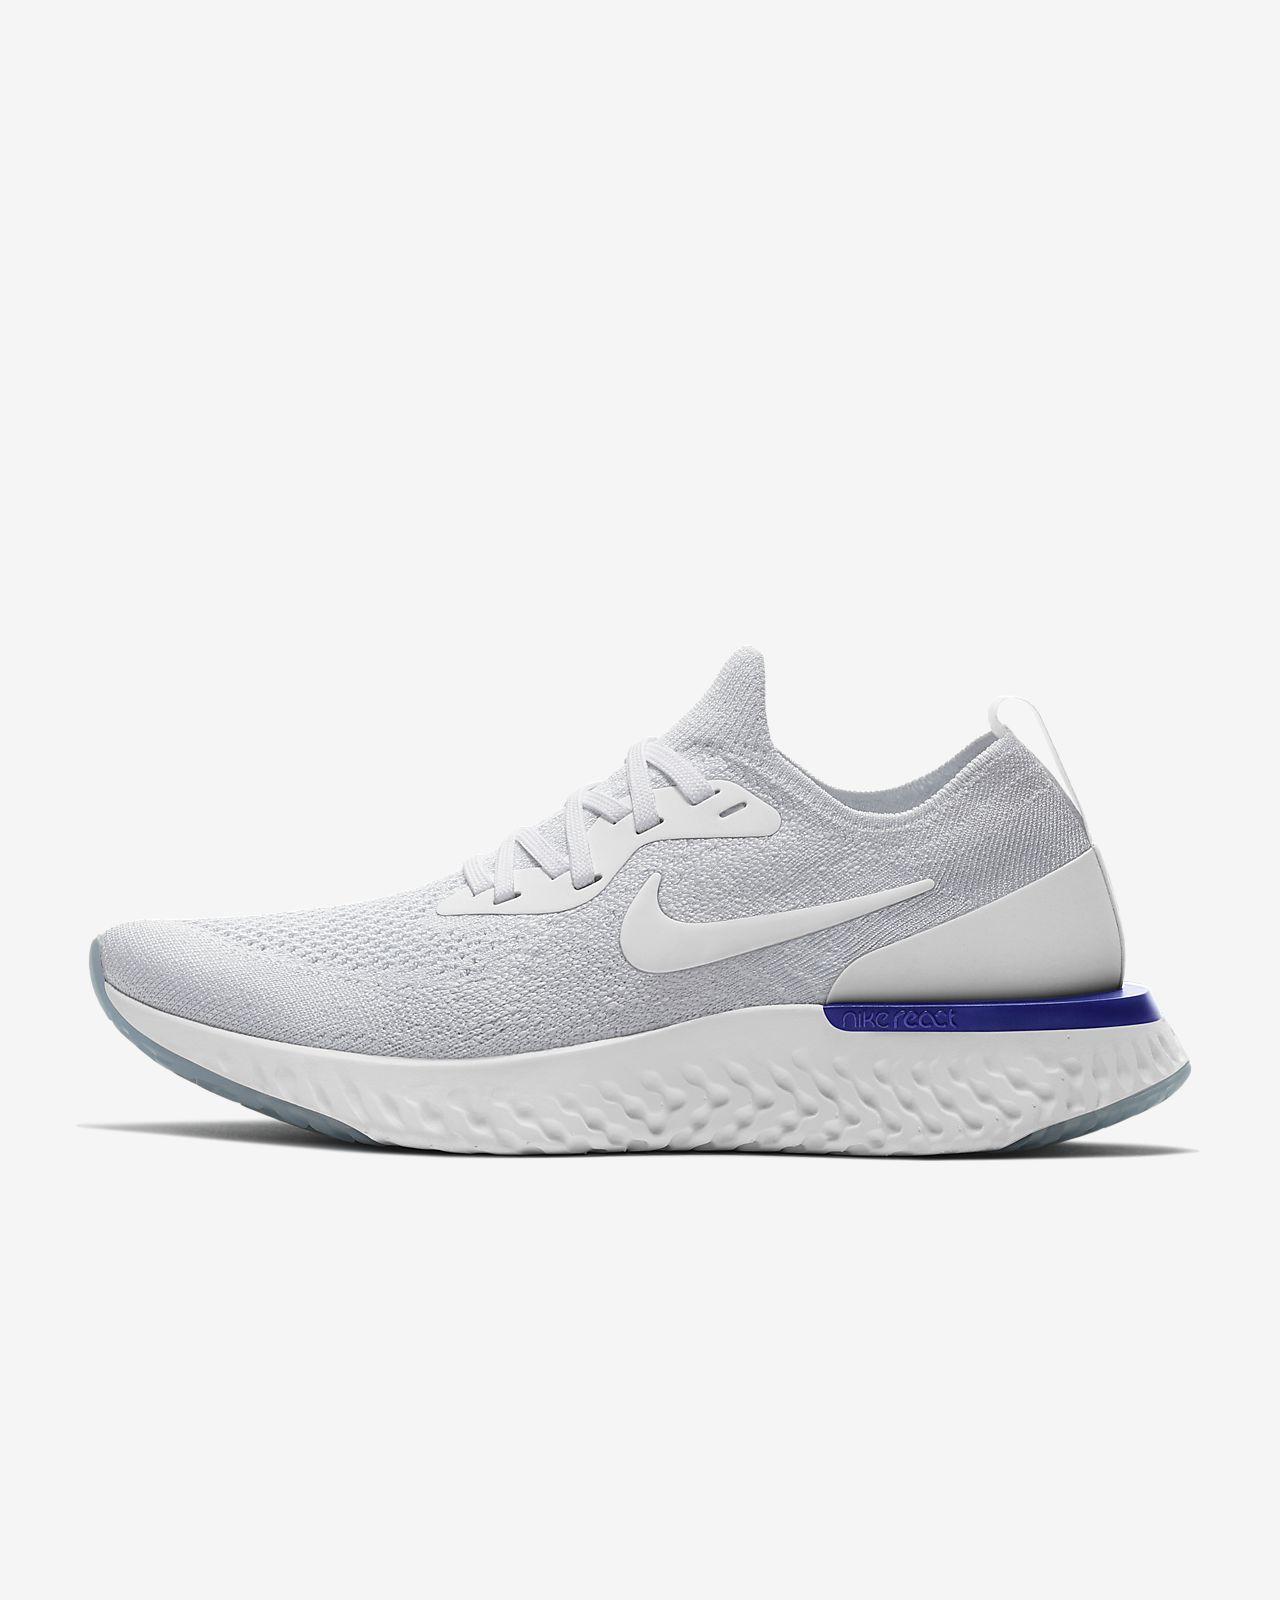 c5a7c7f21237 Nike Epic React Flyknit Women s Running Shoe